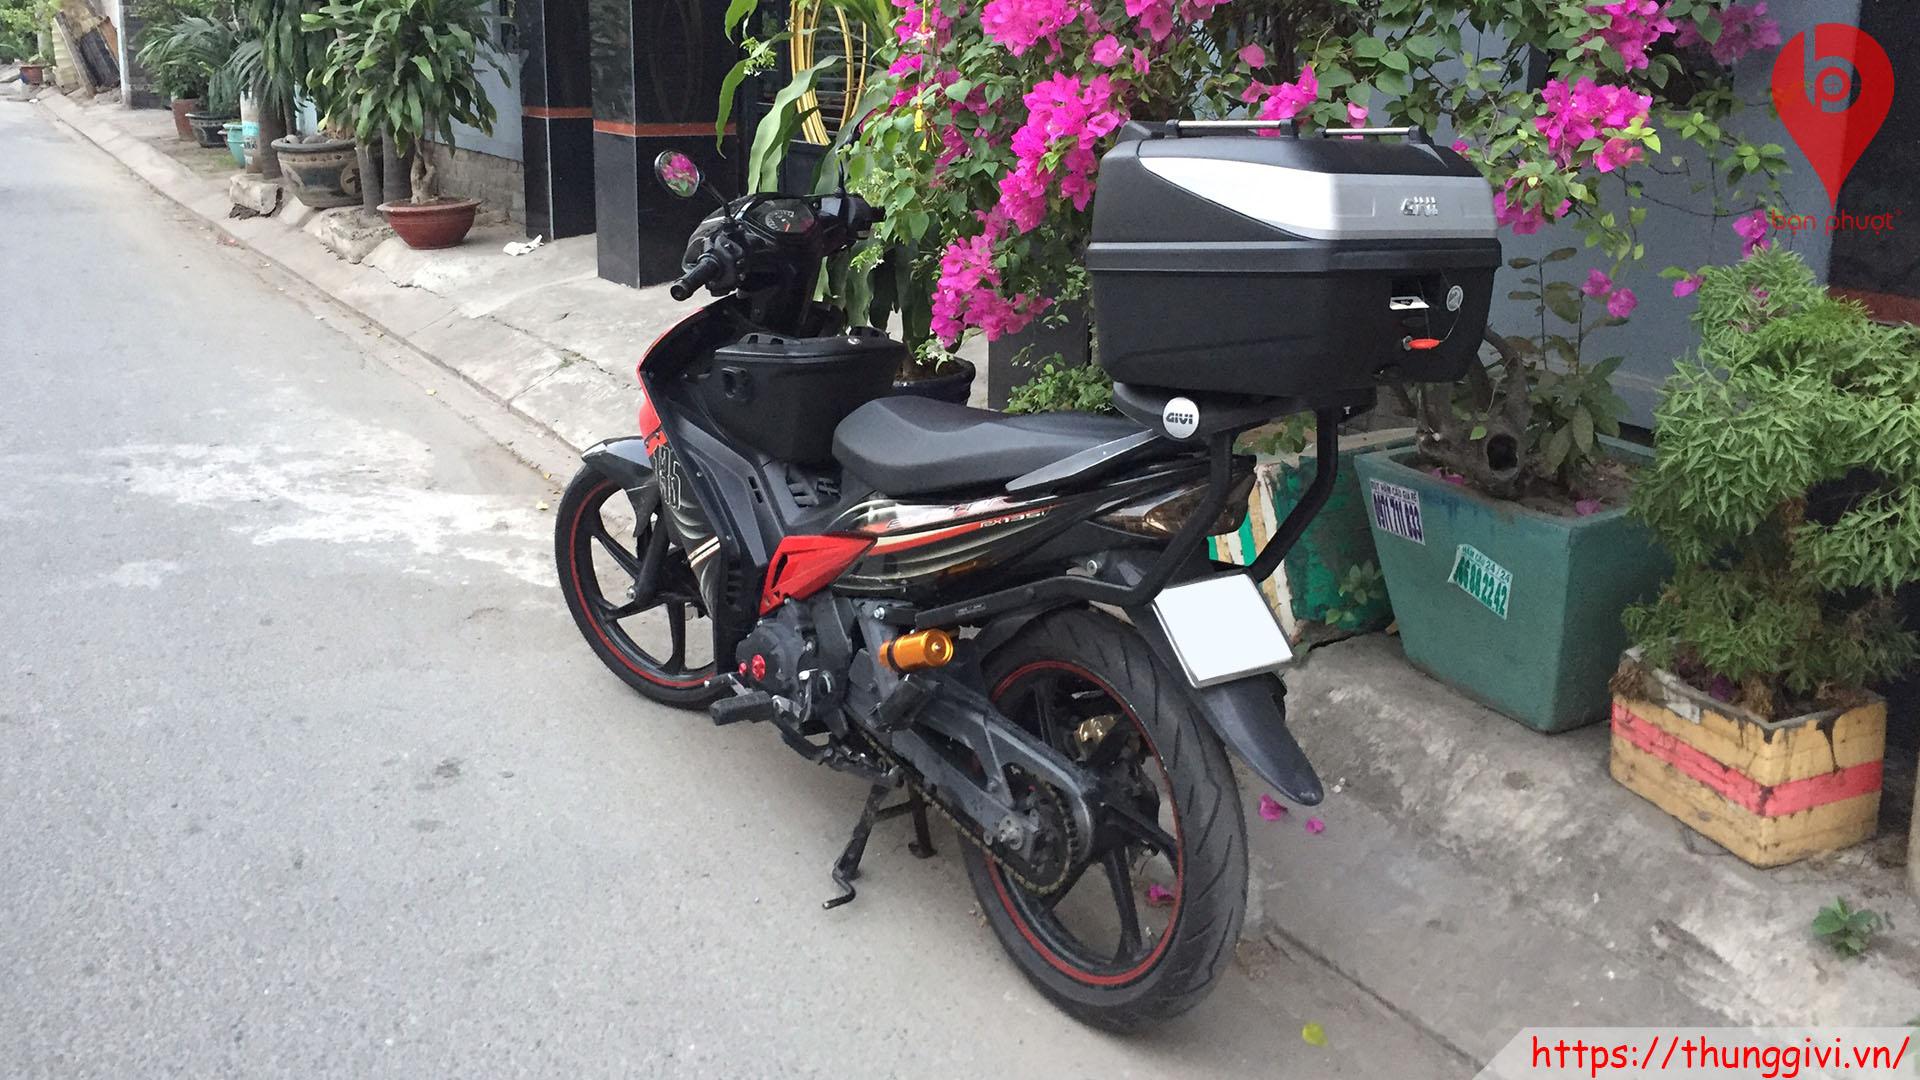 Baga và thùng đựng đồ cho Exciter